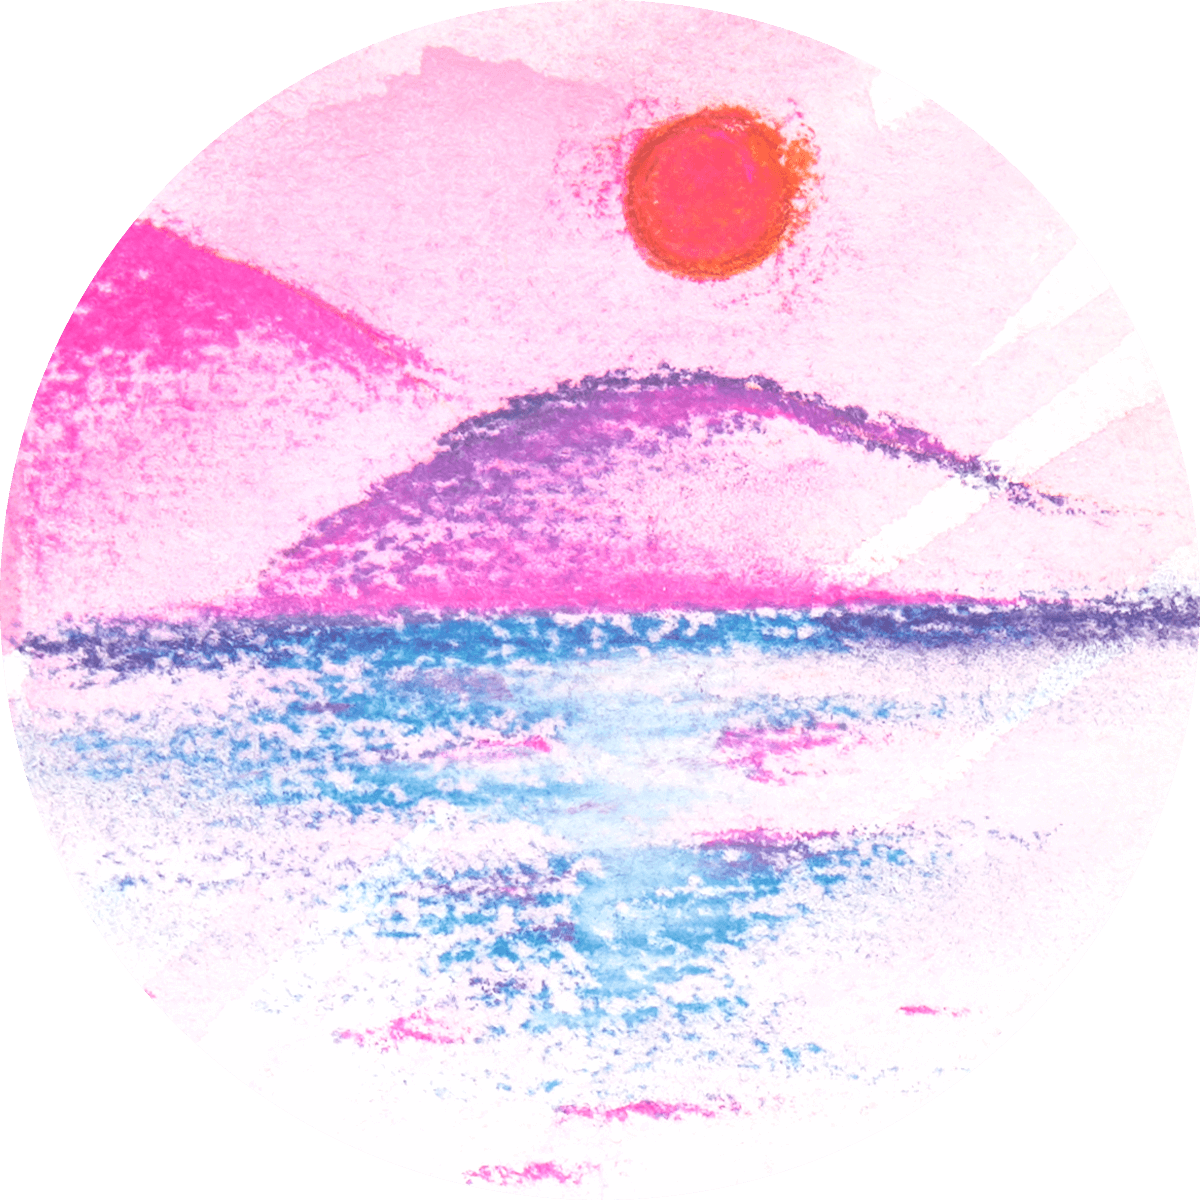 Watercolor + Pastels Technique